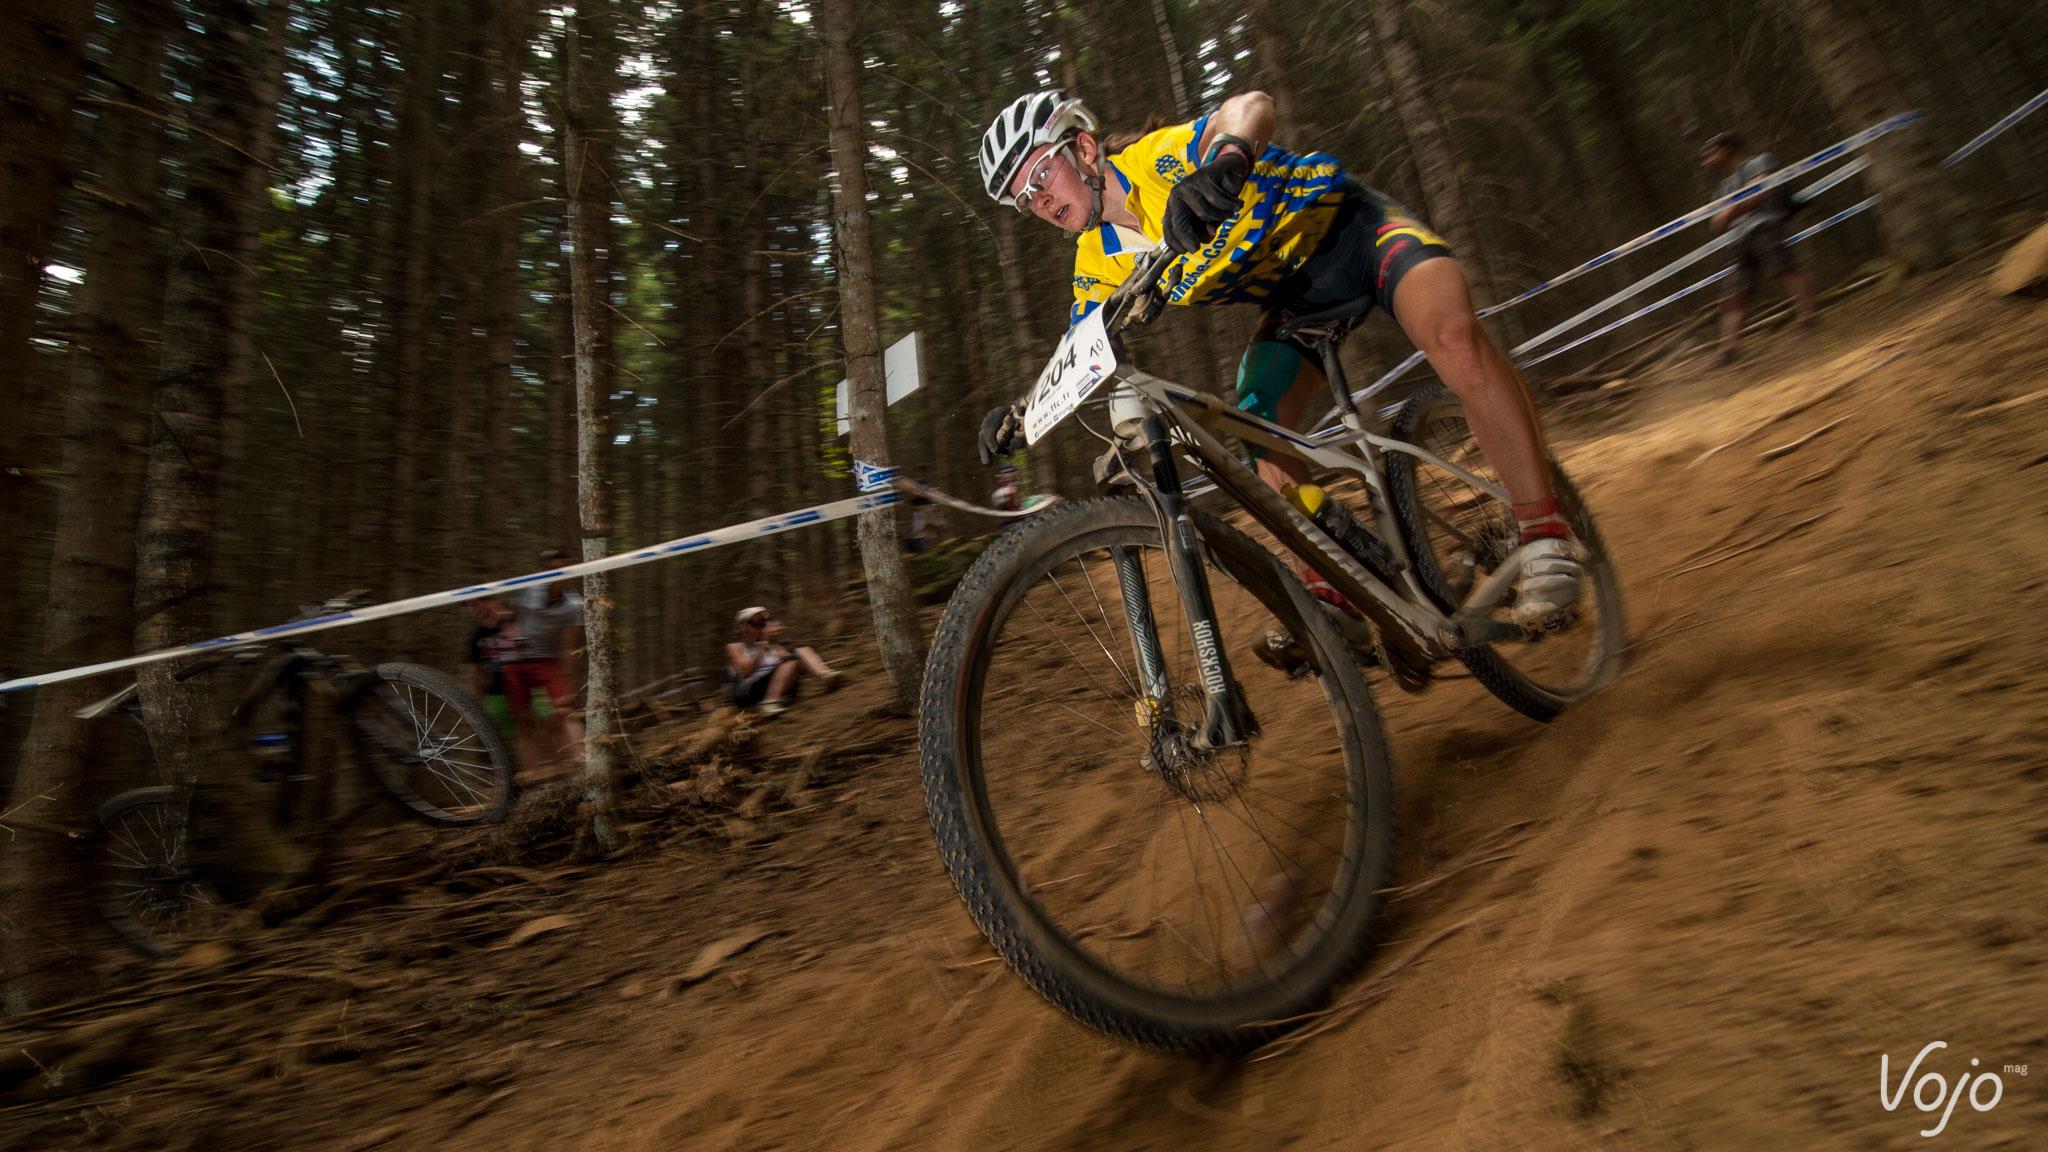 Championnats-de-france-2015-Oz-XC-Espoirs-finale-48